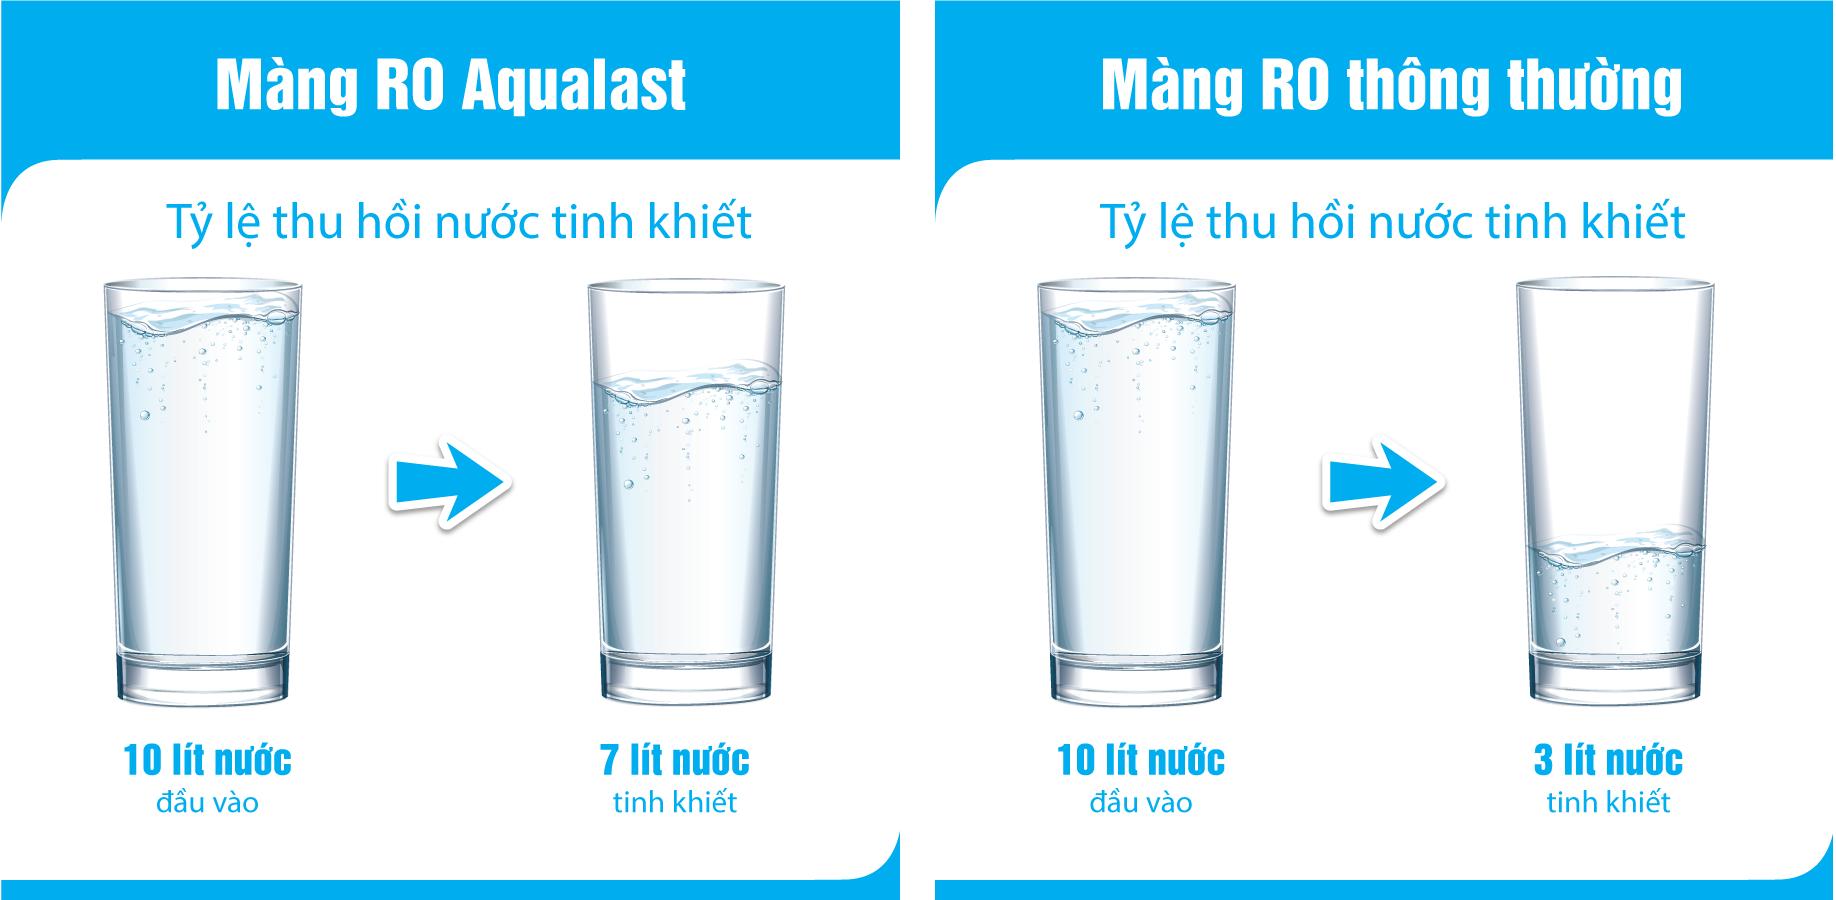 So sánh hiệu quả thu hồi nước của màng lọc RO Aqualast và màng thường